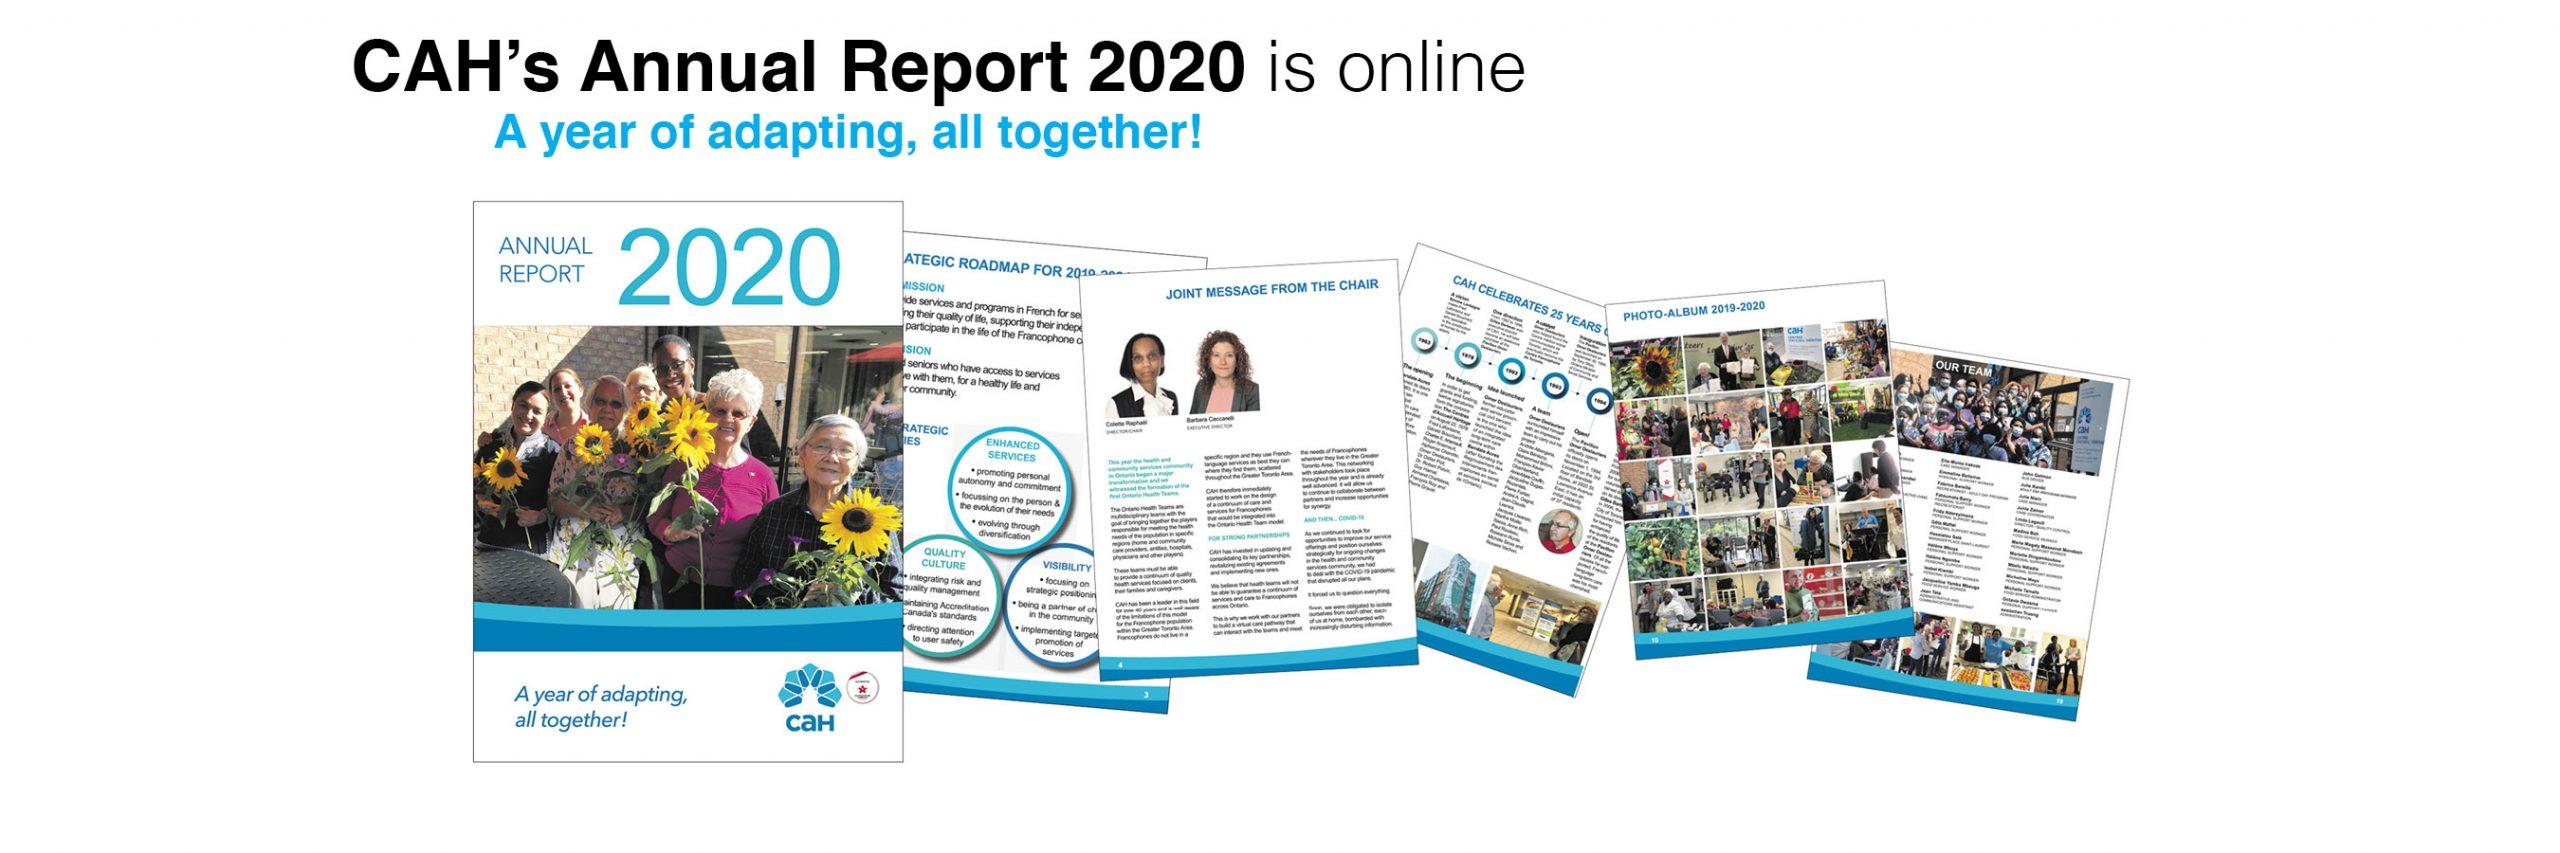 CAH's Annual Report 2020